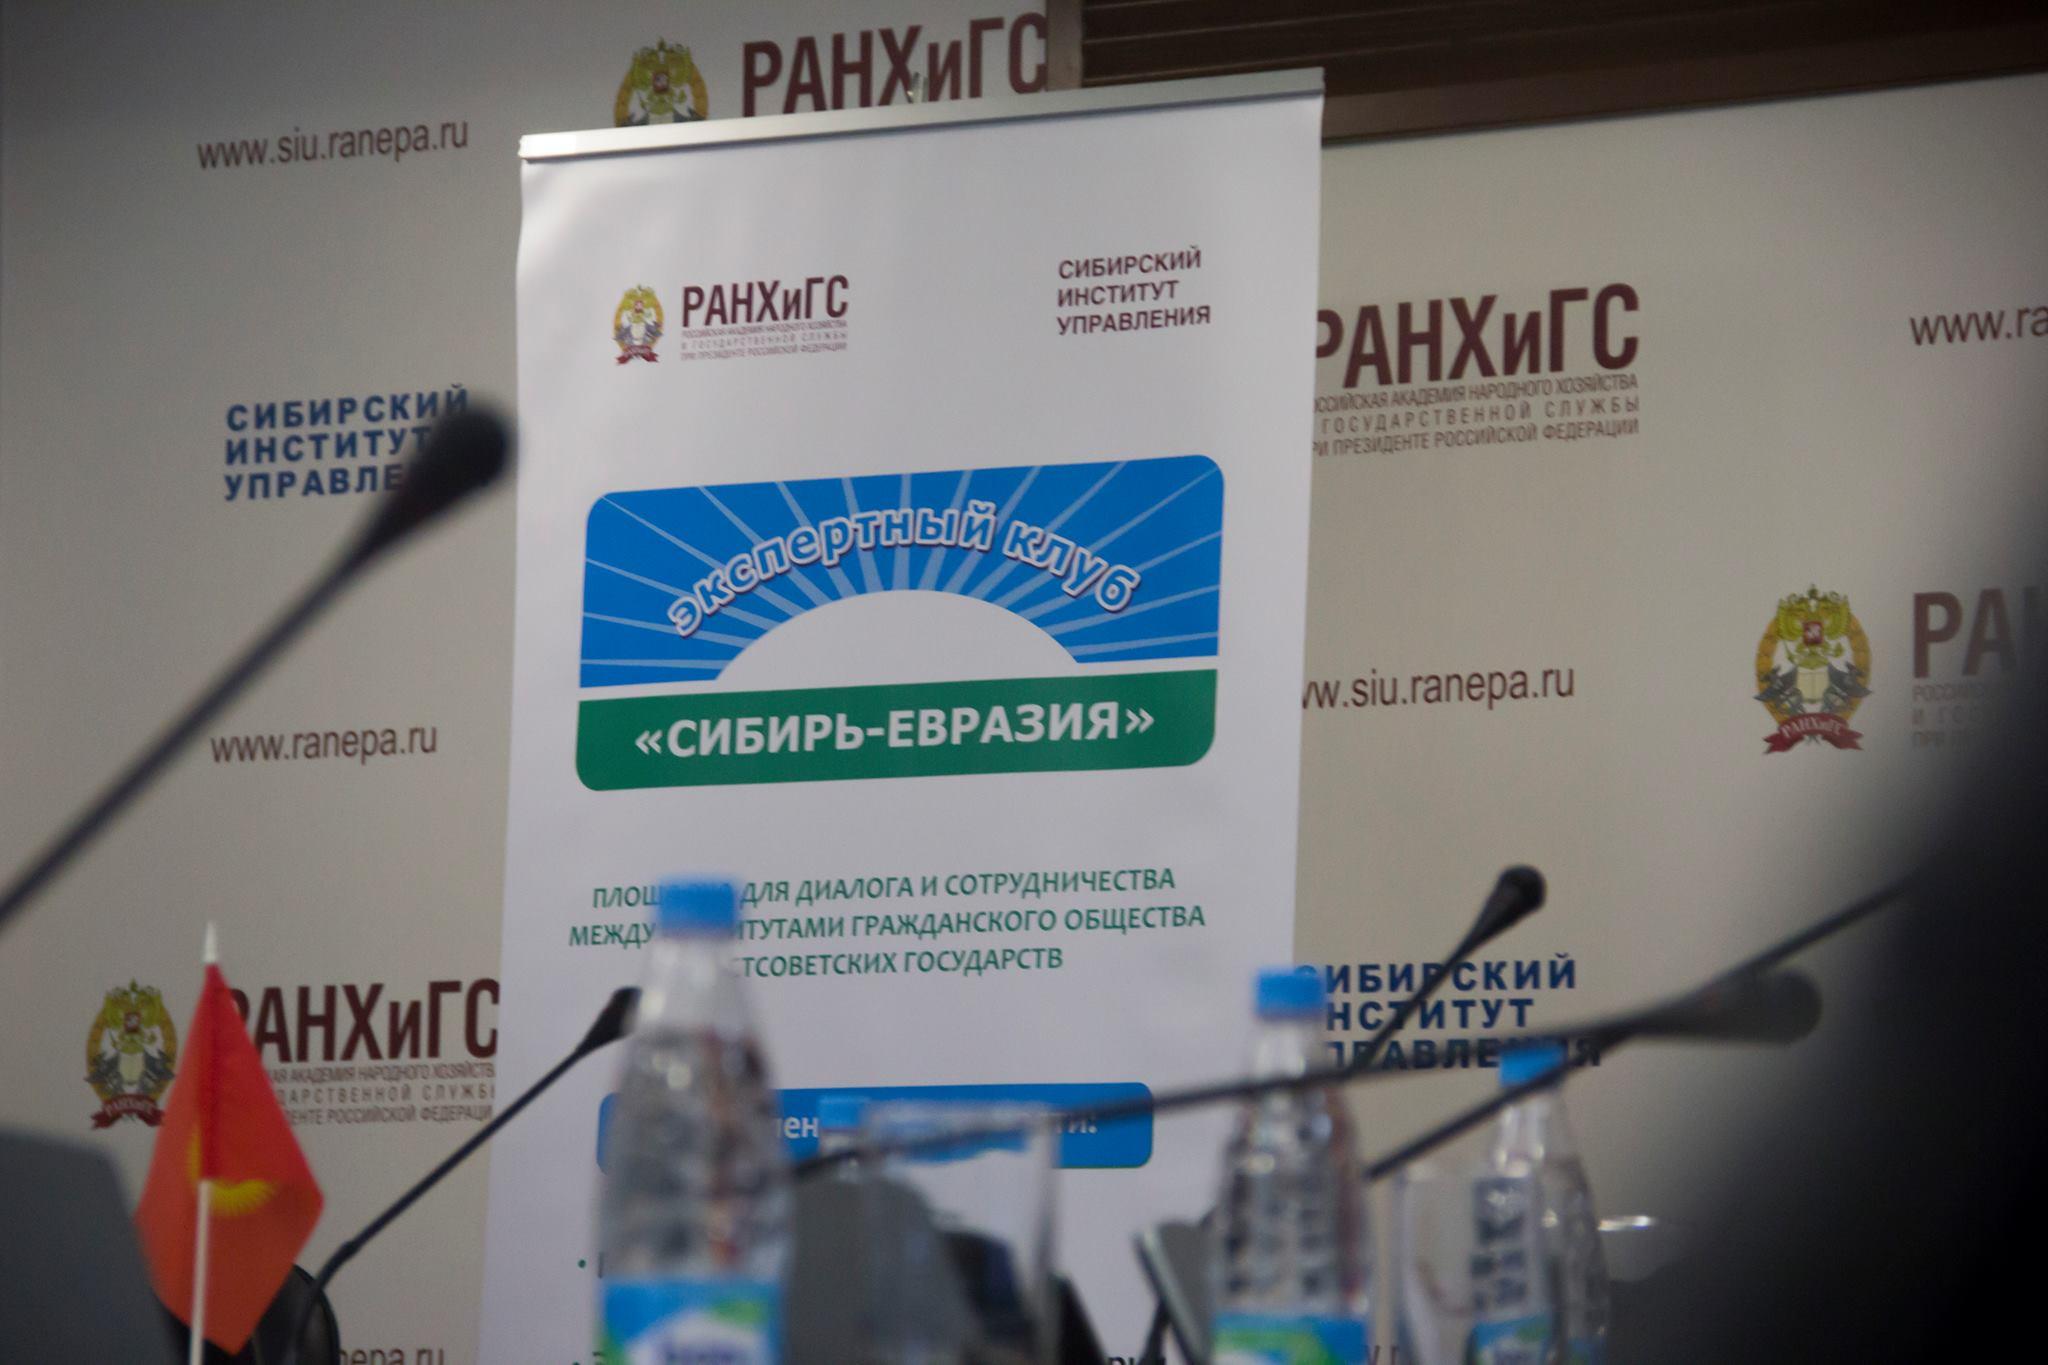 Перспективы общего цифрового будущего Евразии обсудят в Новосибирске